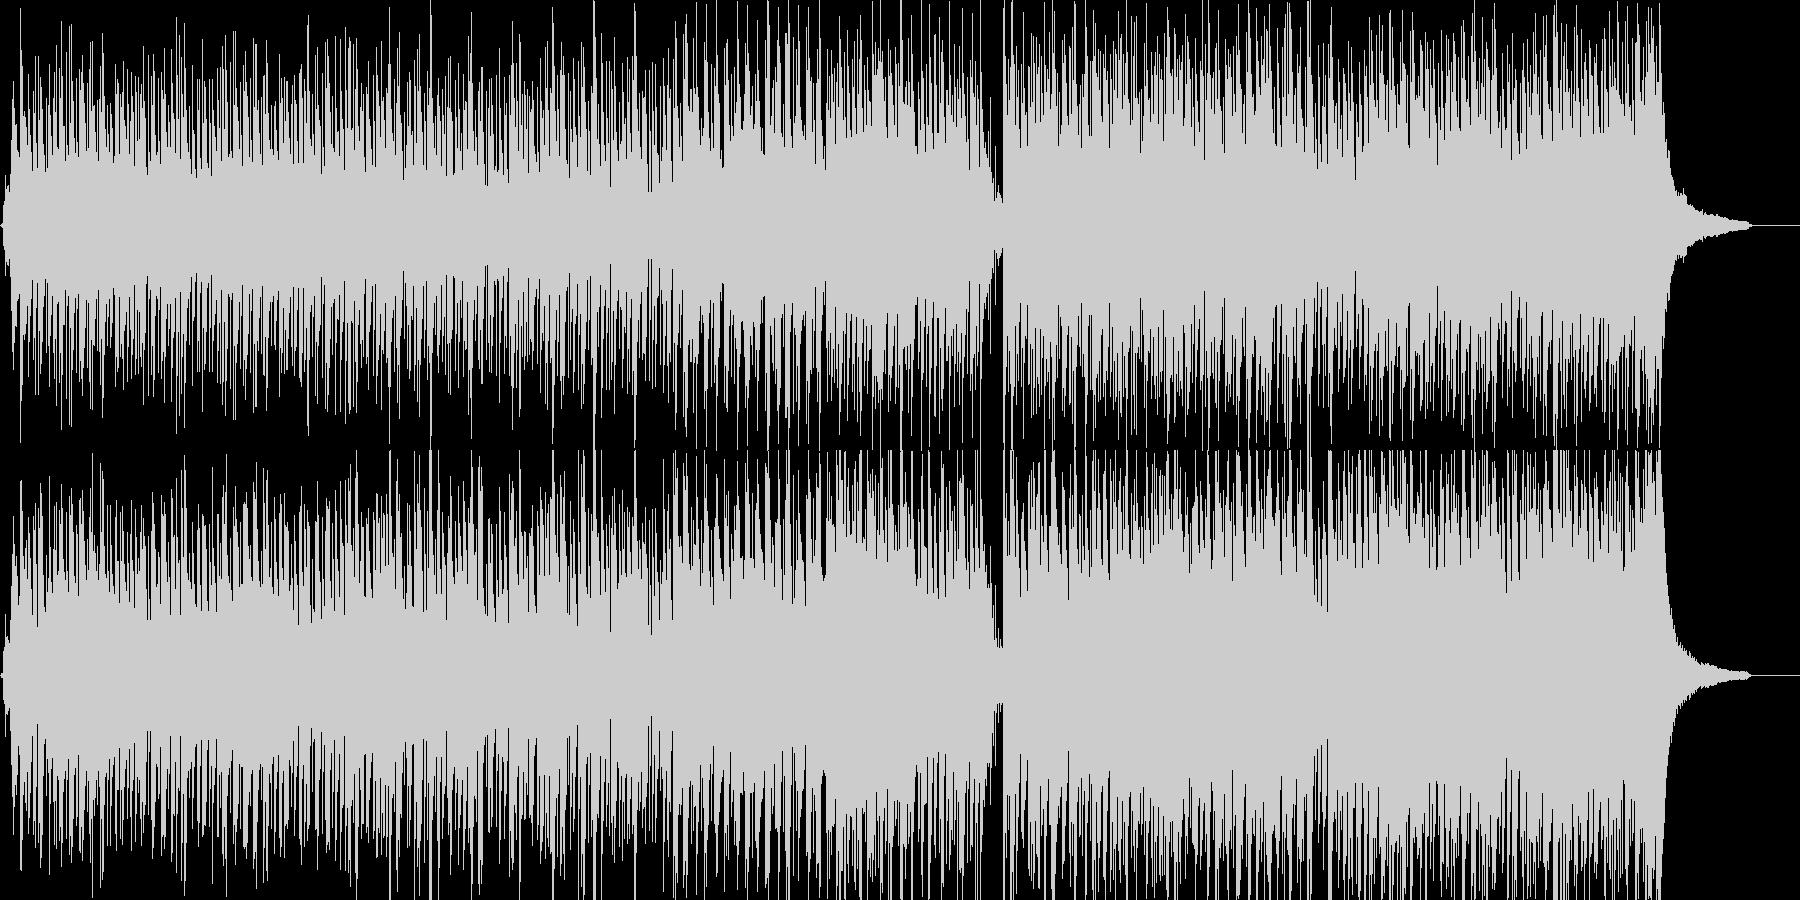 【ベース無し】アコギとピアノのポップスの未再生の波形